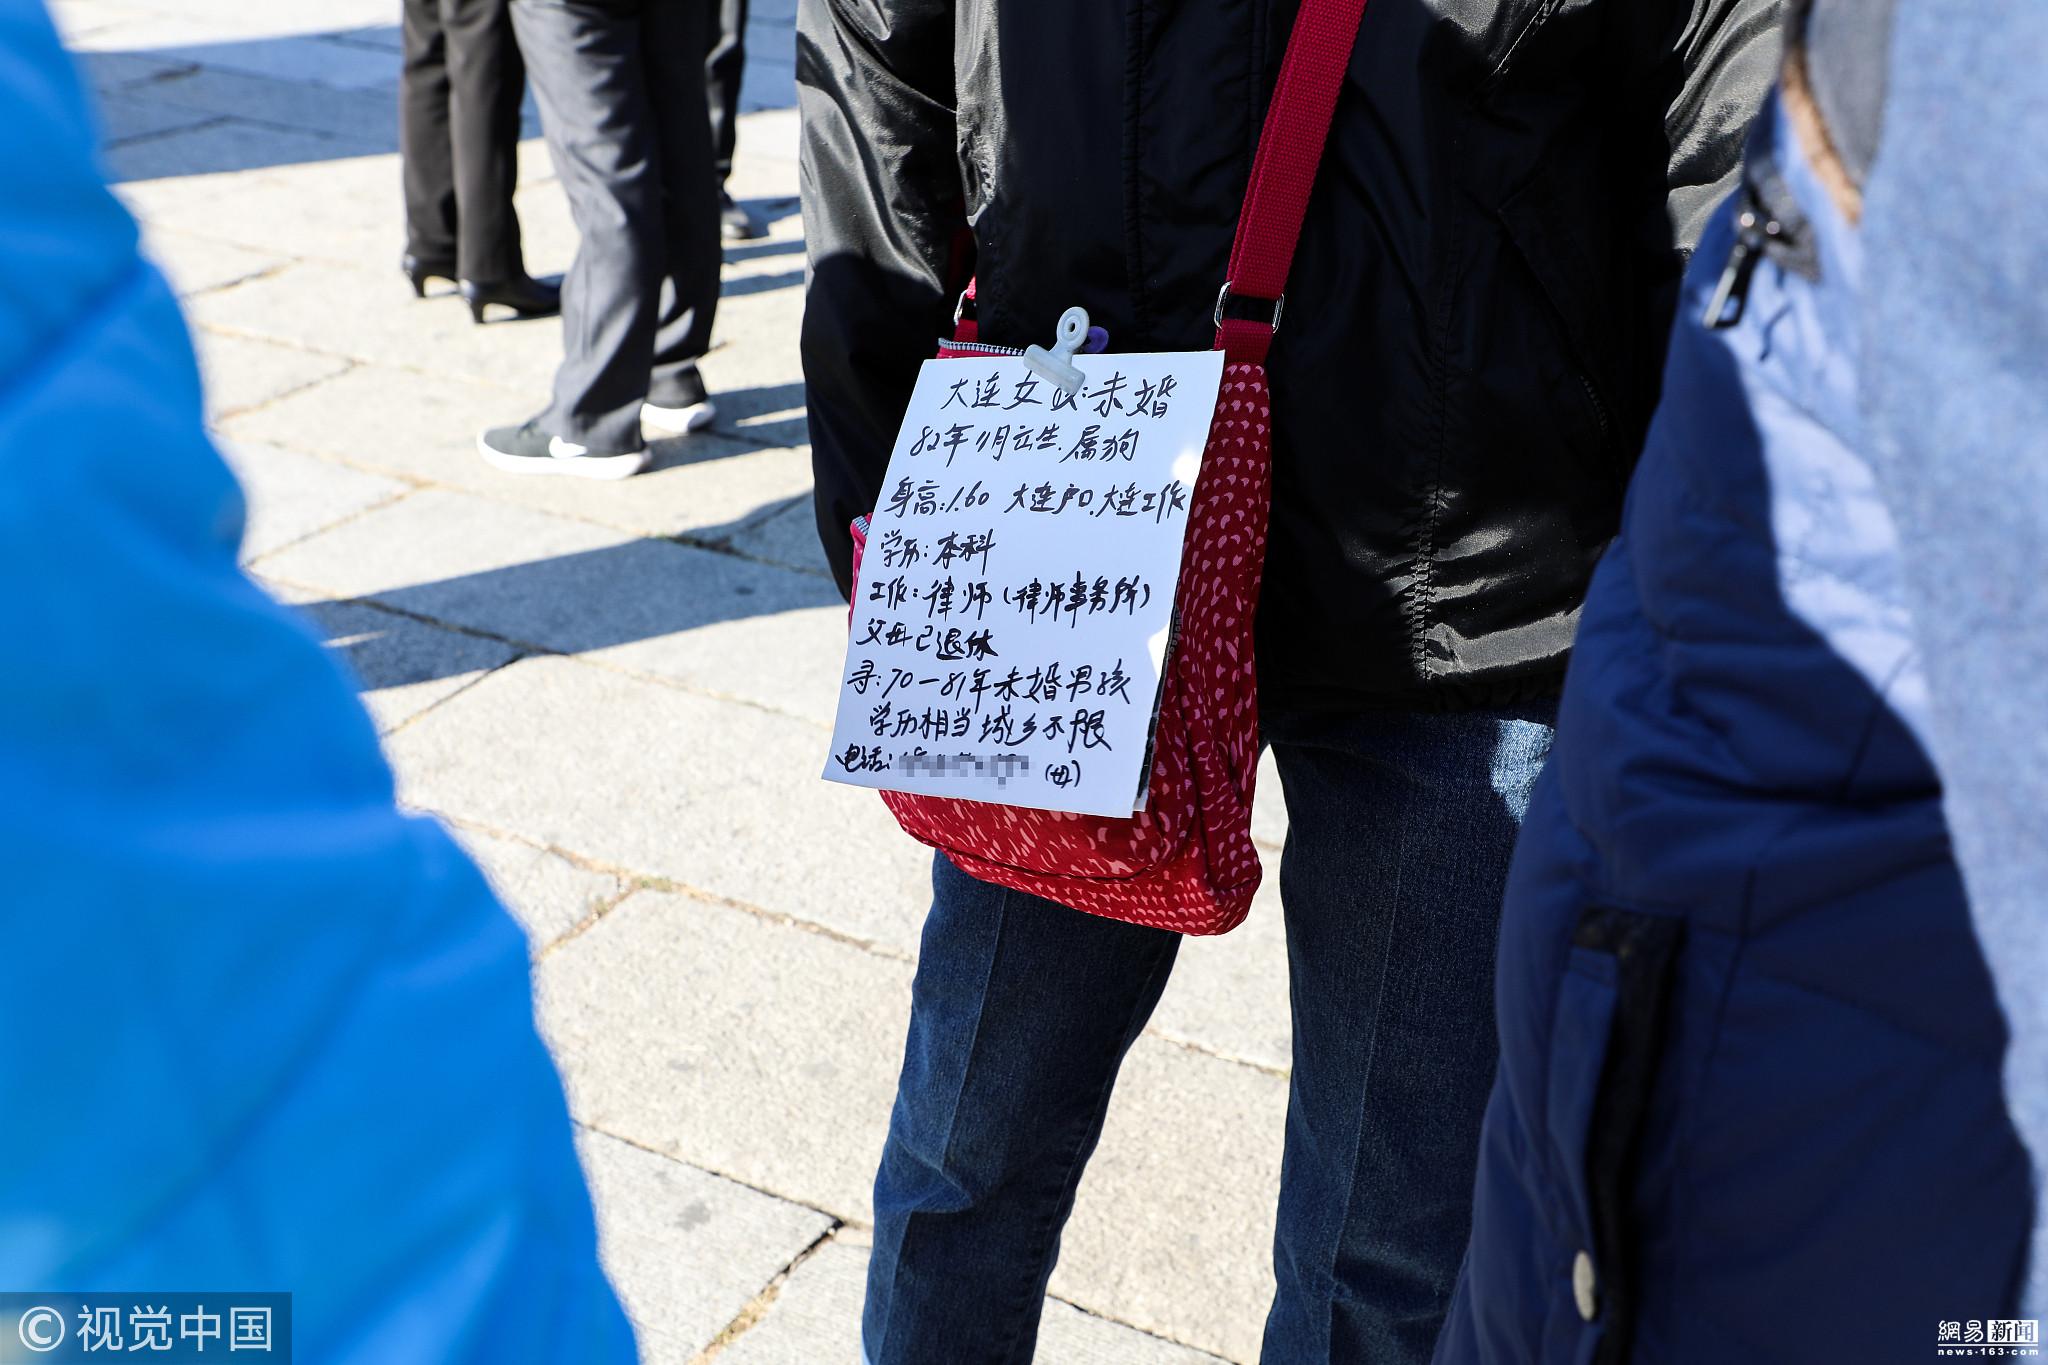 双11父母扎堆为儿女相亲:年轻人不急我急 !!! -【医药前沿】的网易博客